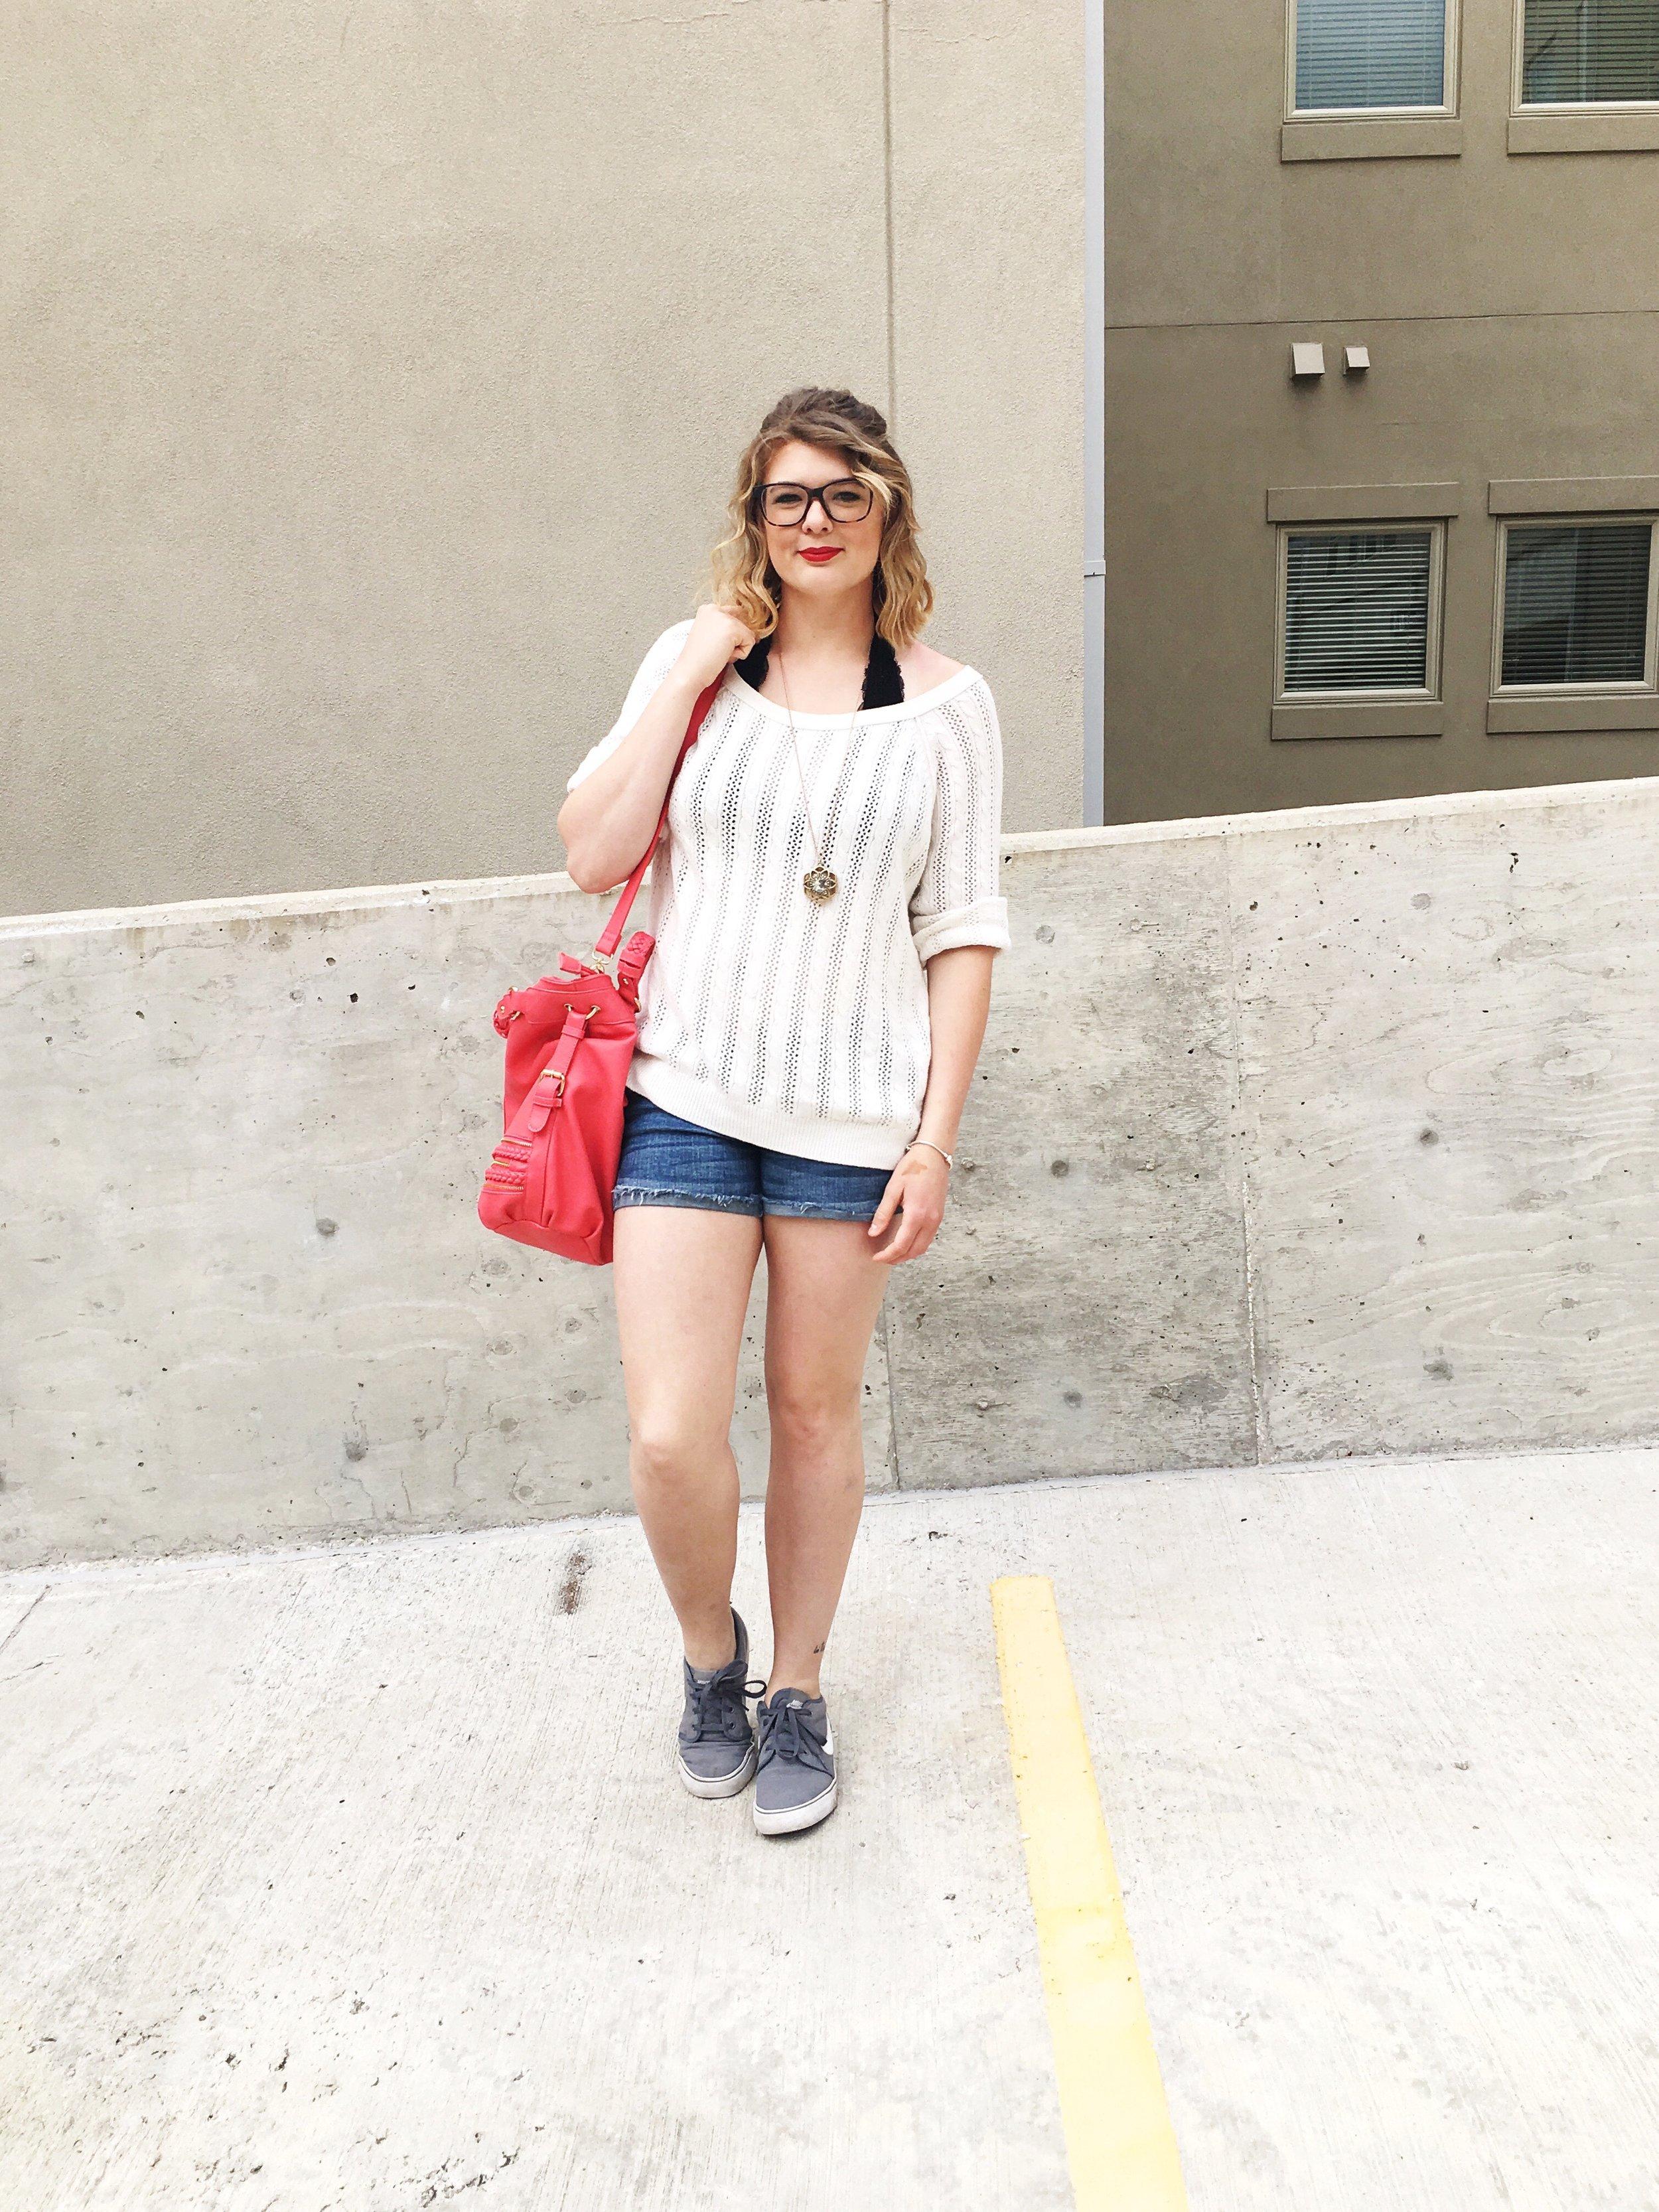 shortsandsweater